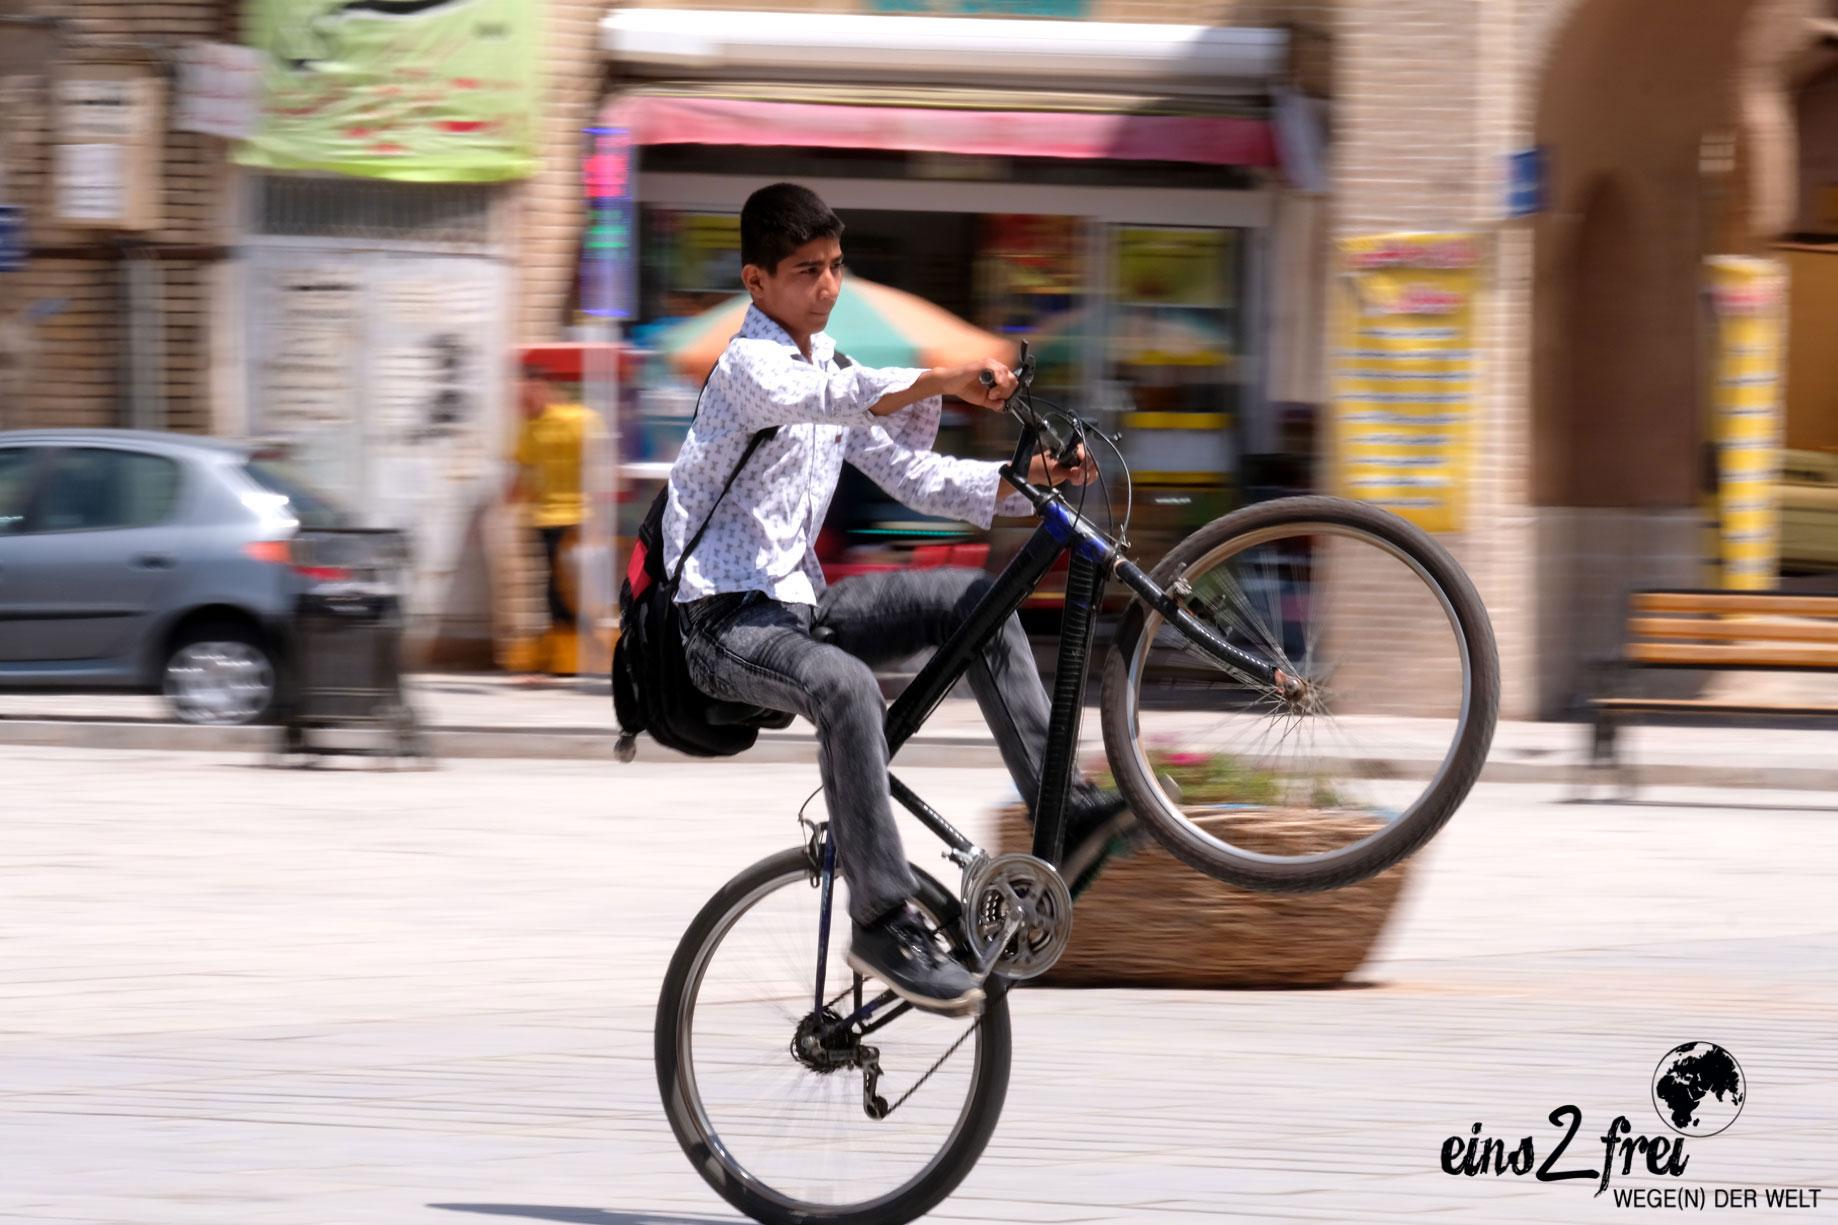 Ein Junge macht mit seinem Fahrrad einen Wheelie